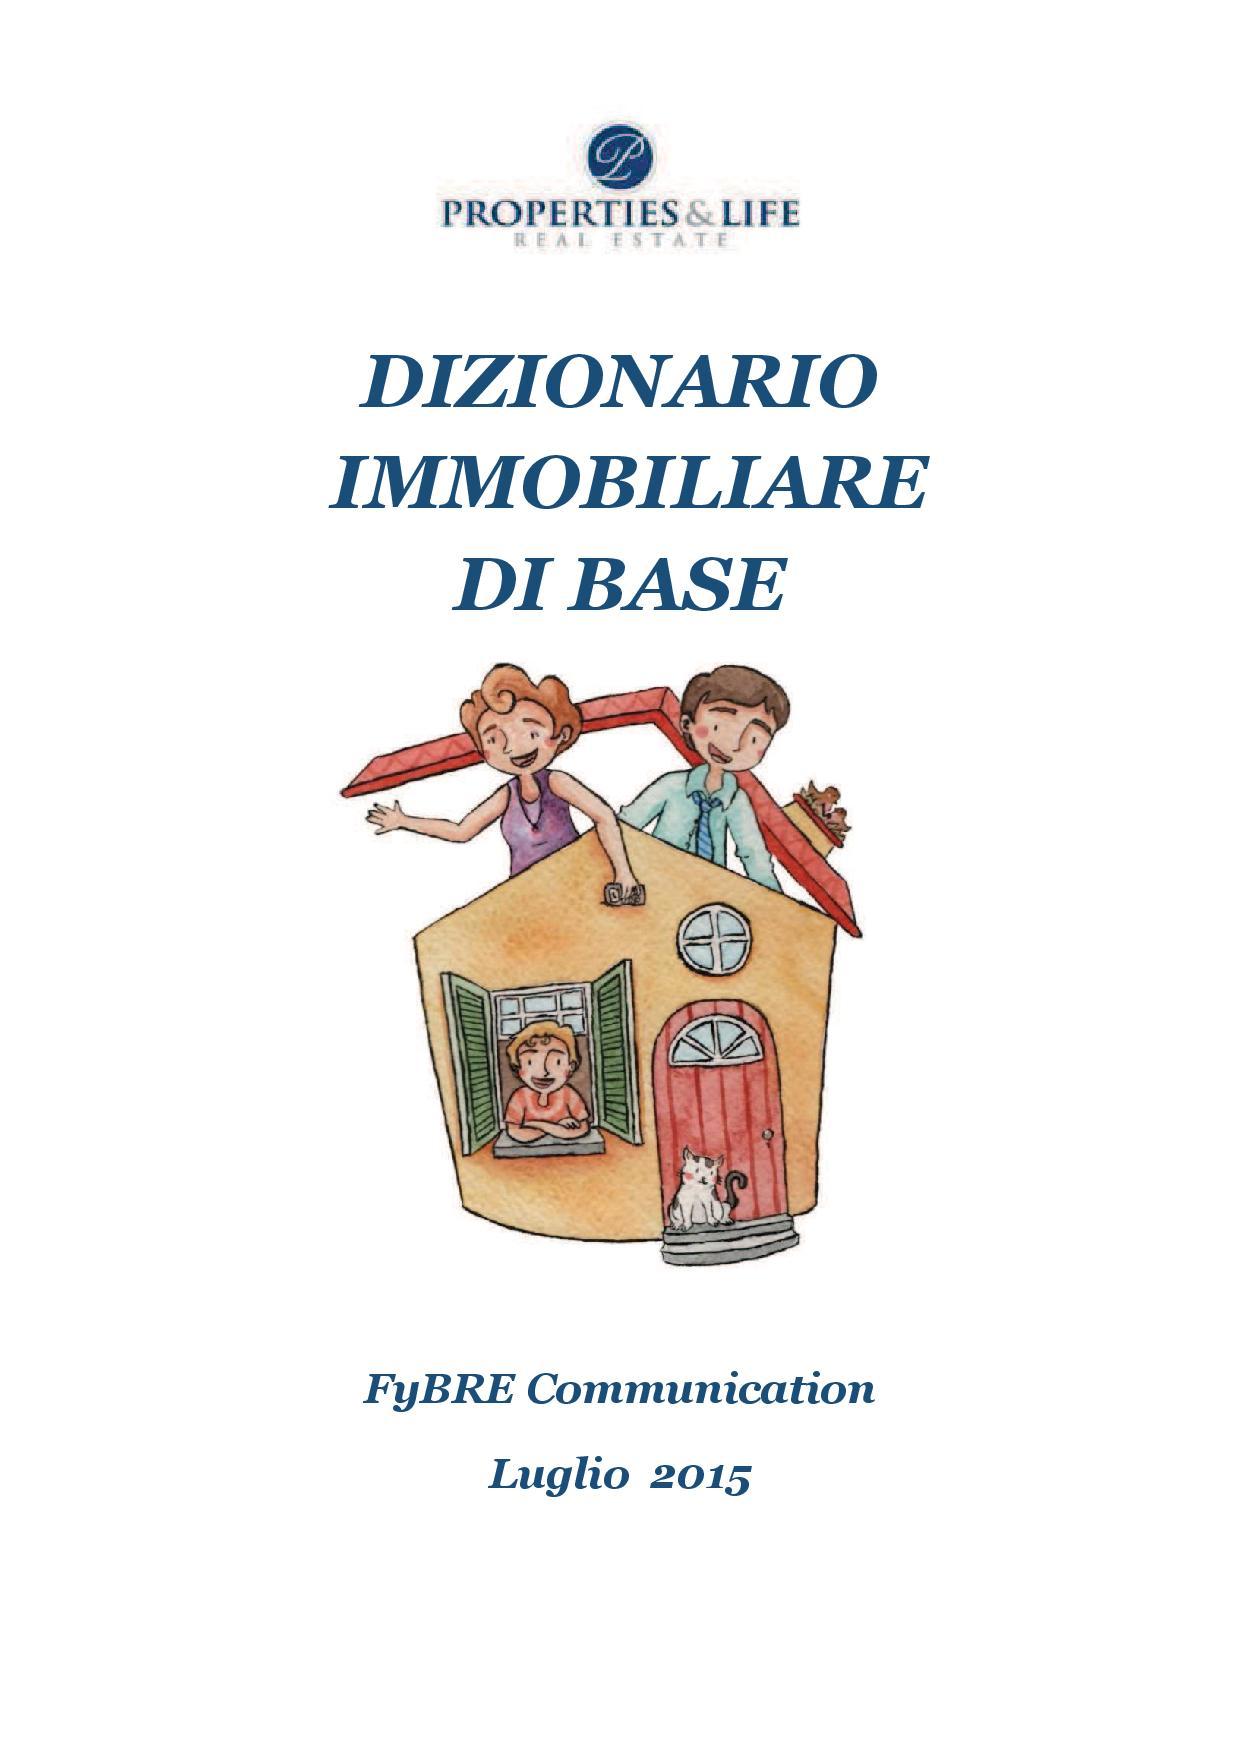 DIZIONARIO IMMOBILIARE DI BASE